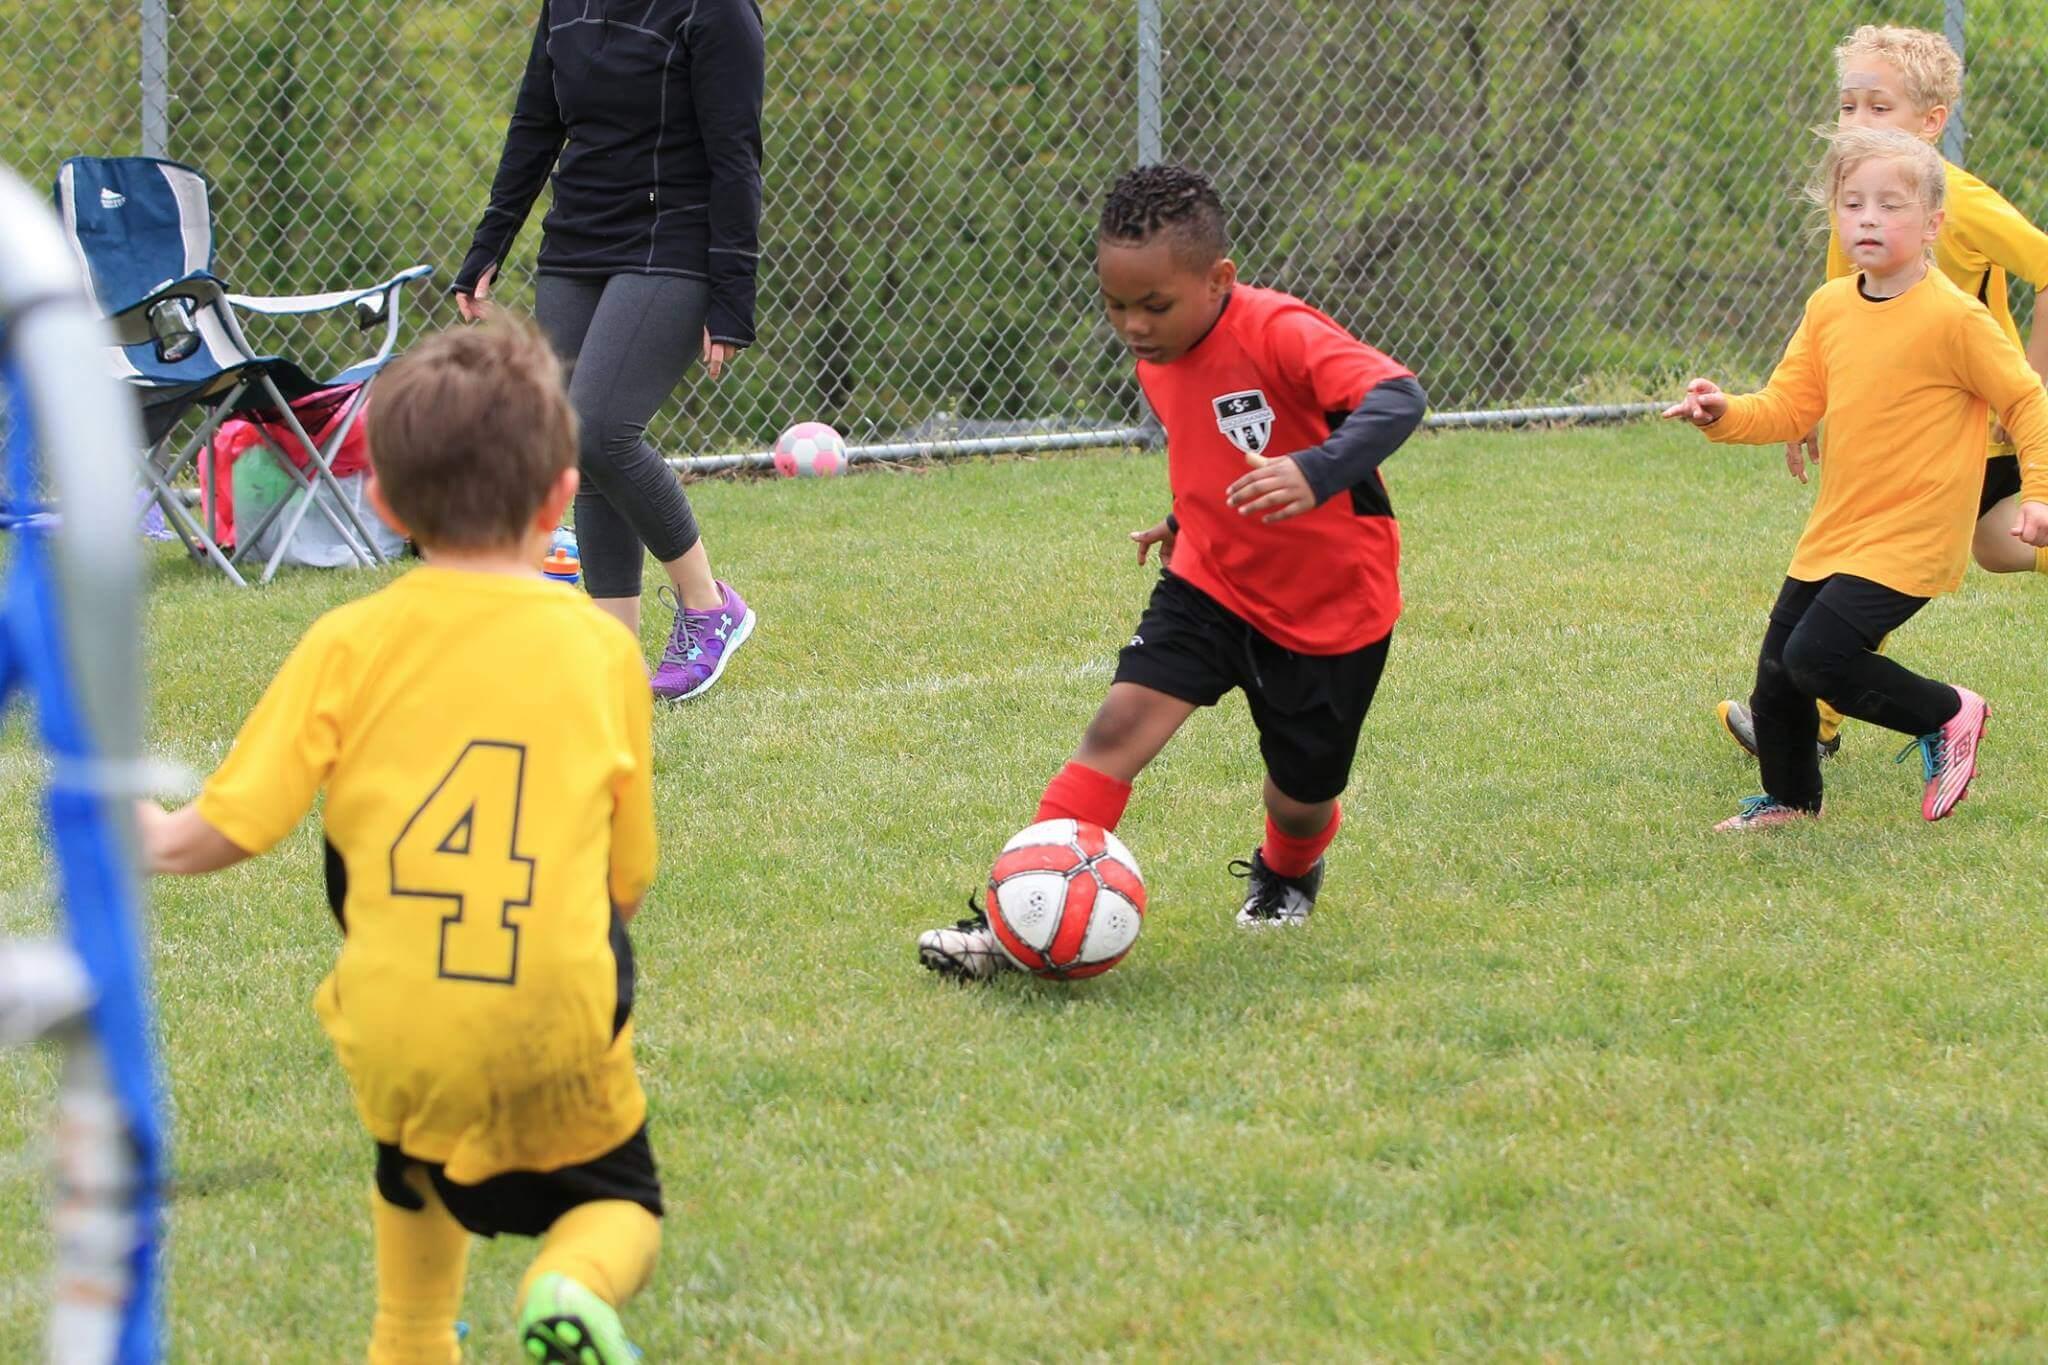 Susquehanna Soccer Club Rec Soccer